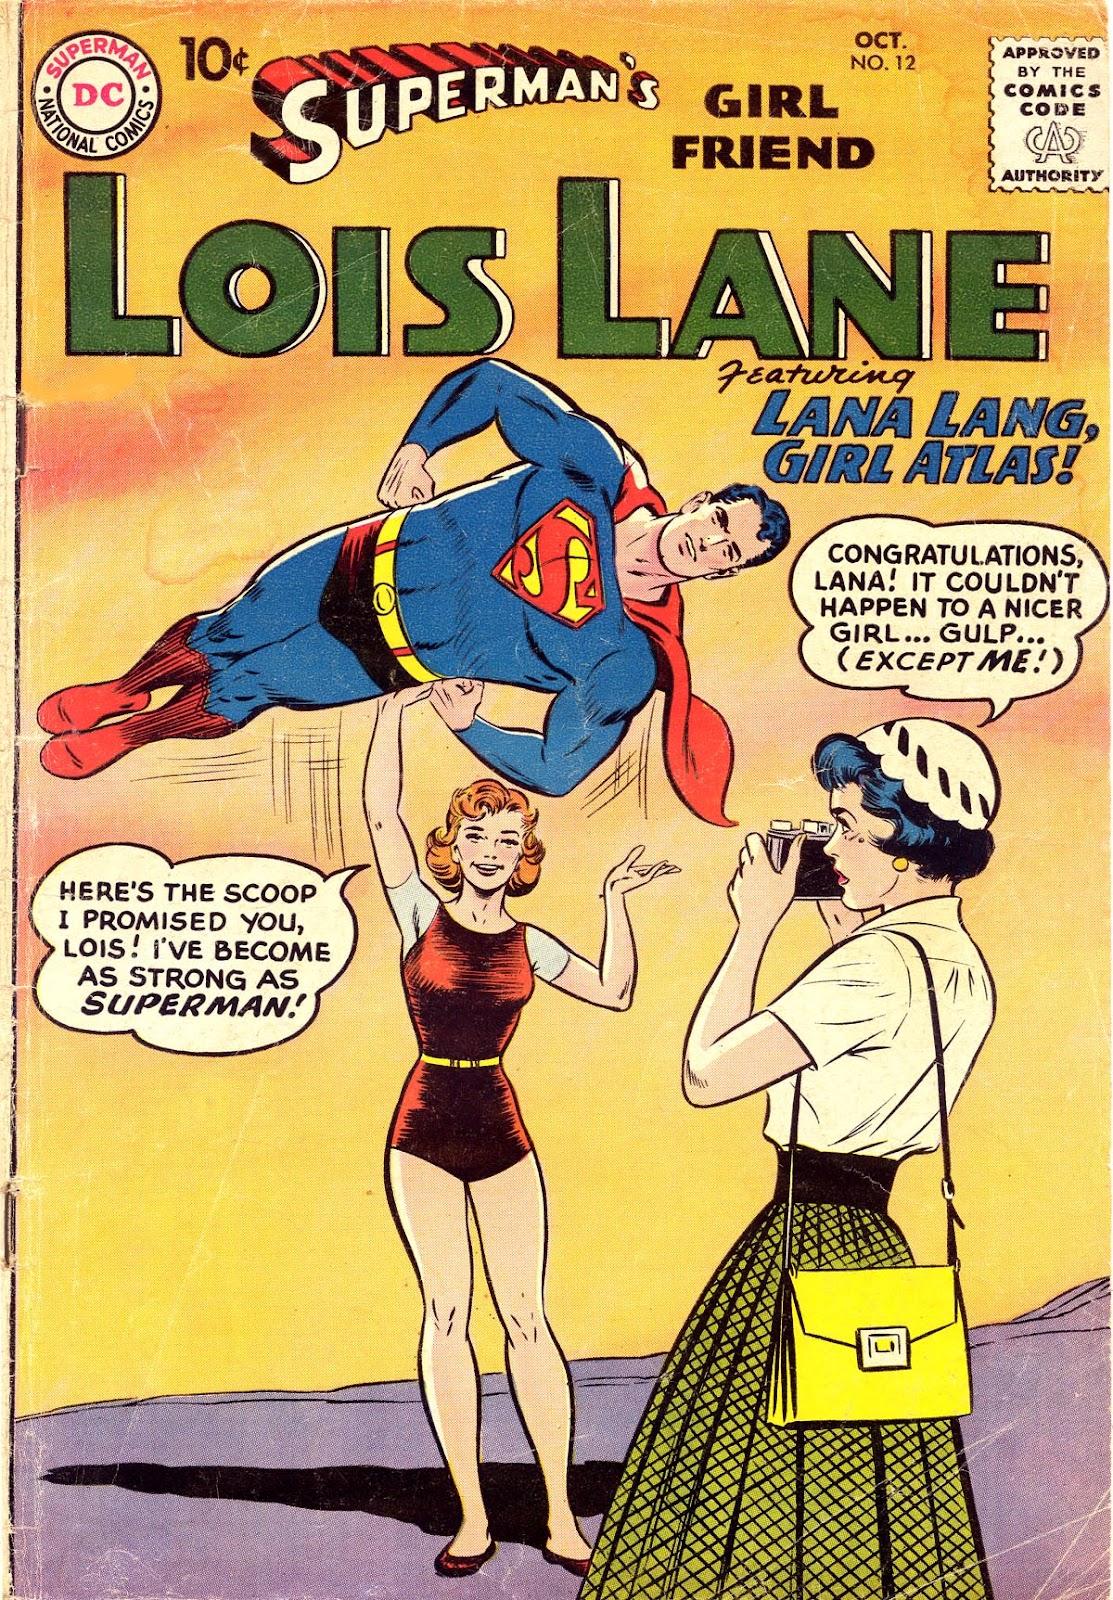 Supermans Girl Friend, Lois Lane 12 Page 1